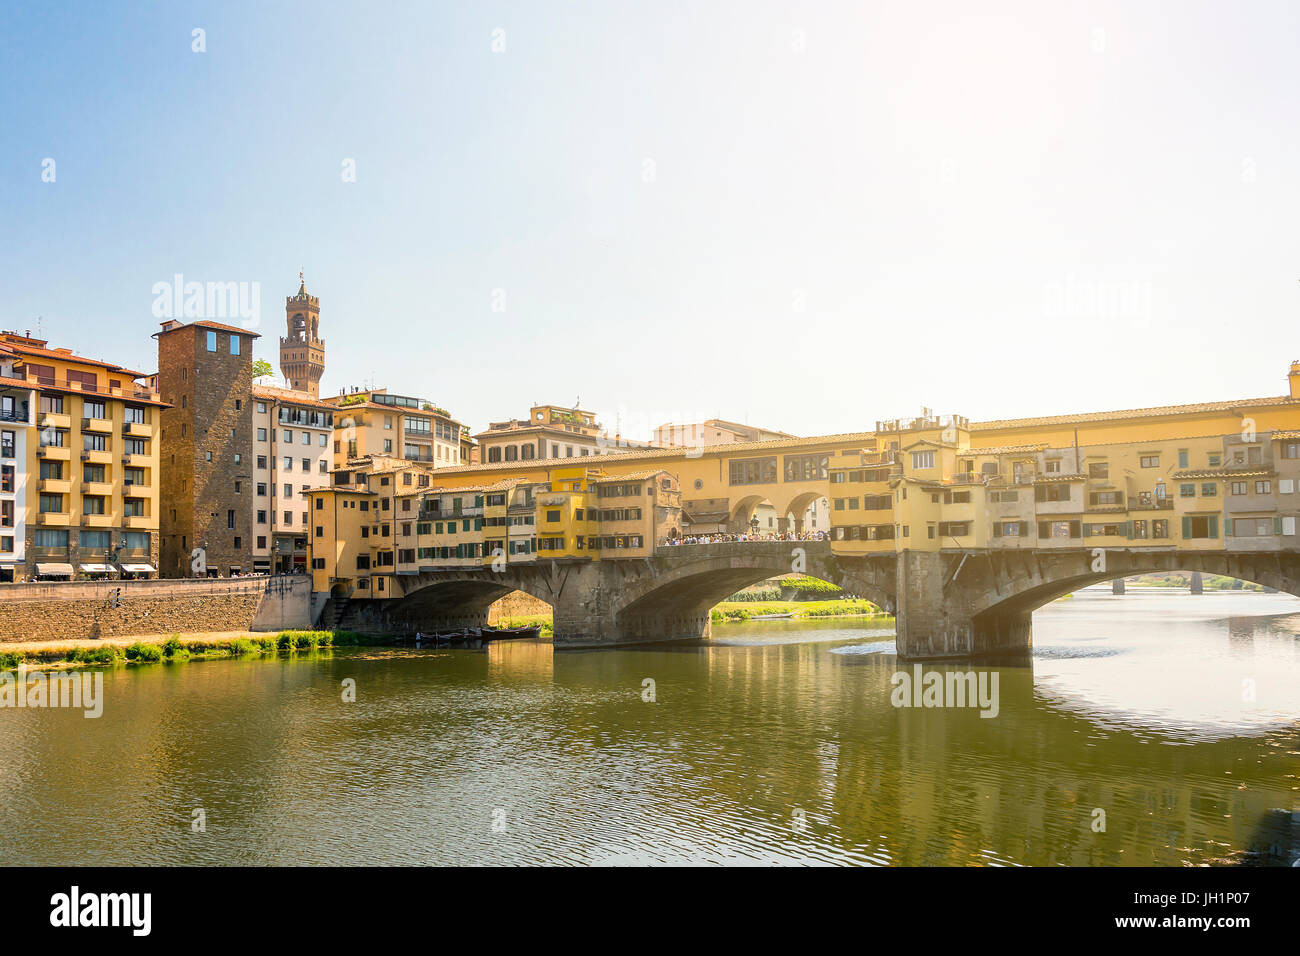 Puente de piedra medieval Ponte Vecchio sobre el río Arno en Florencia, Toscana, Italia. Florencia es un destino Imagen De Stock